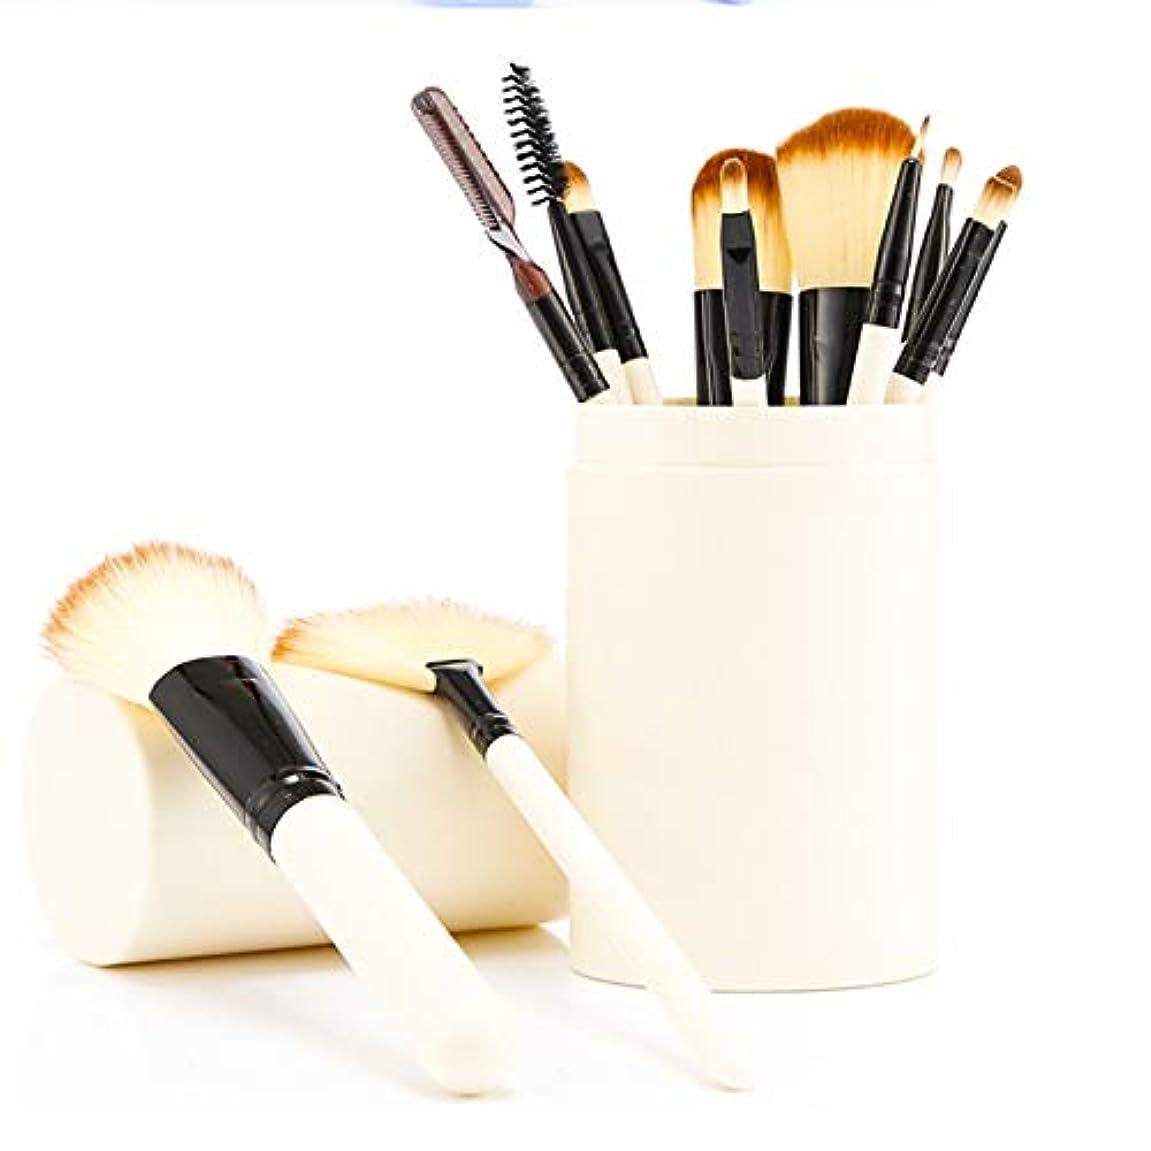 粒事務所特徴づけるソフトで残酷のない合成繊維剛毛とローズゴールドのディテールが施された化粧ブラシセット12本のプロフェッショナルな化粧ブラシ - エレガントなPUレザーポーチが含まれています (Color : Natural)